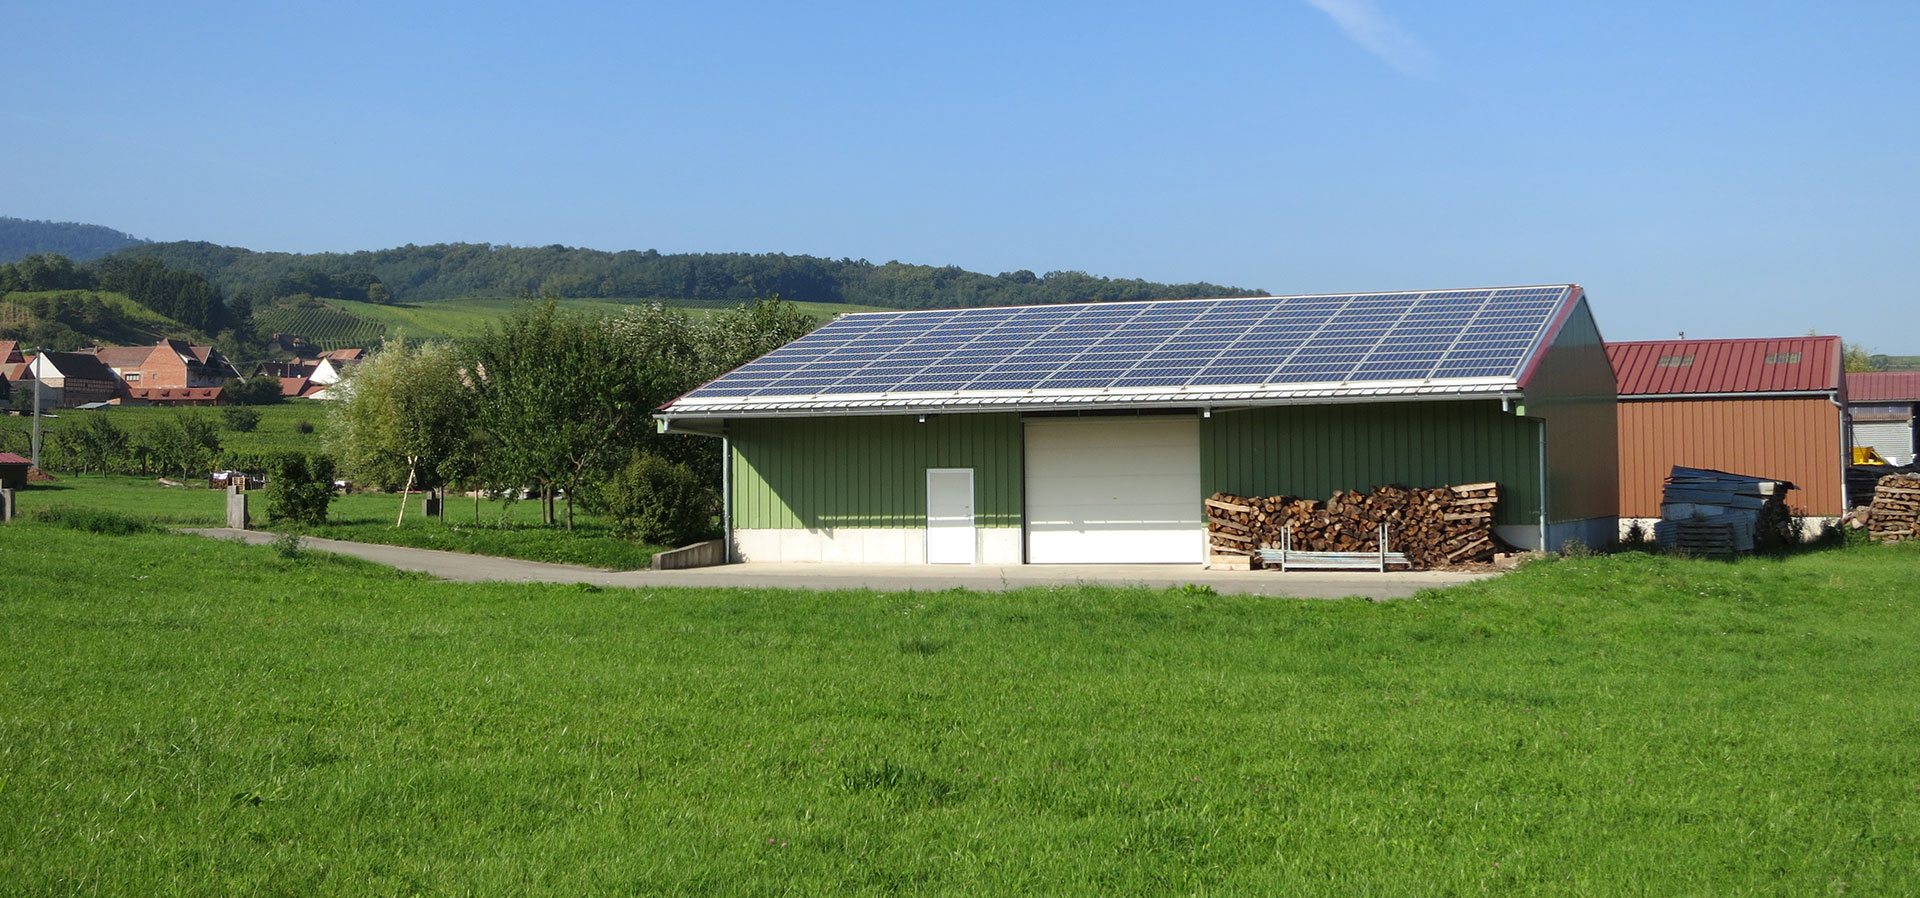 Nos r alisations jk energie - Hangar agricole photovoltaique gratuit ...